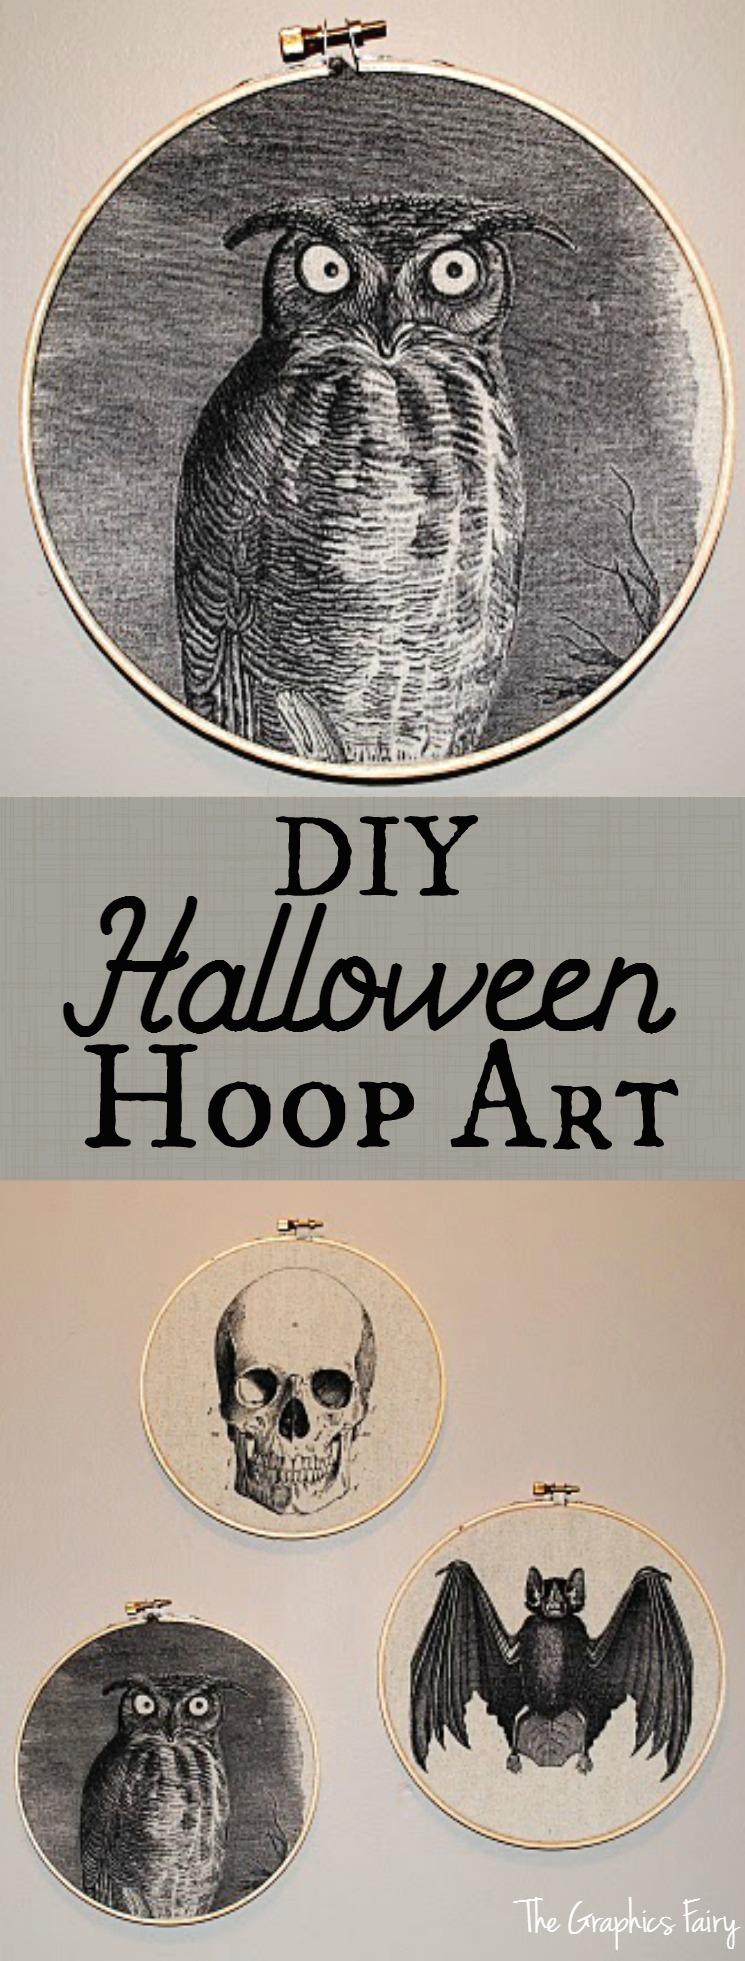 DIY Halloween Hoop Art - The Graphics Fairy